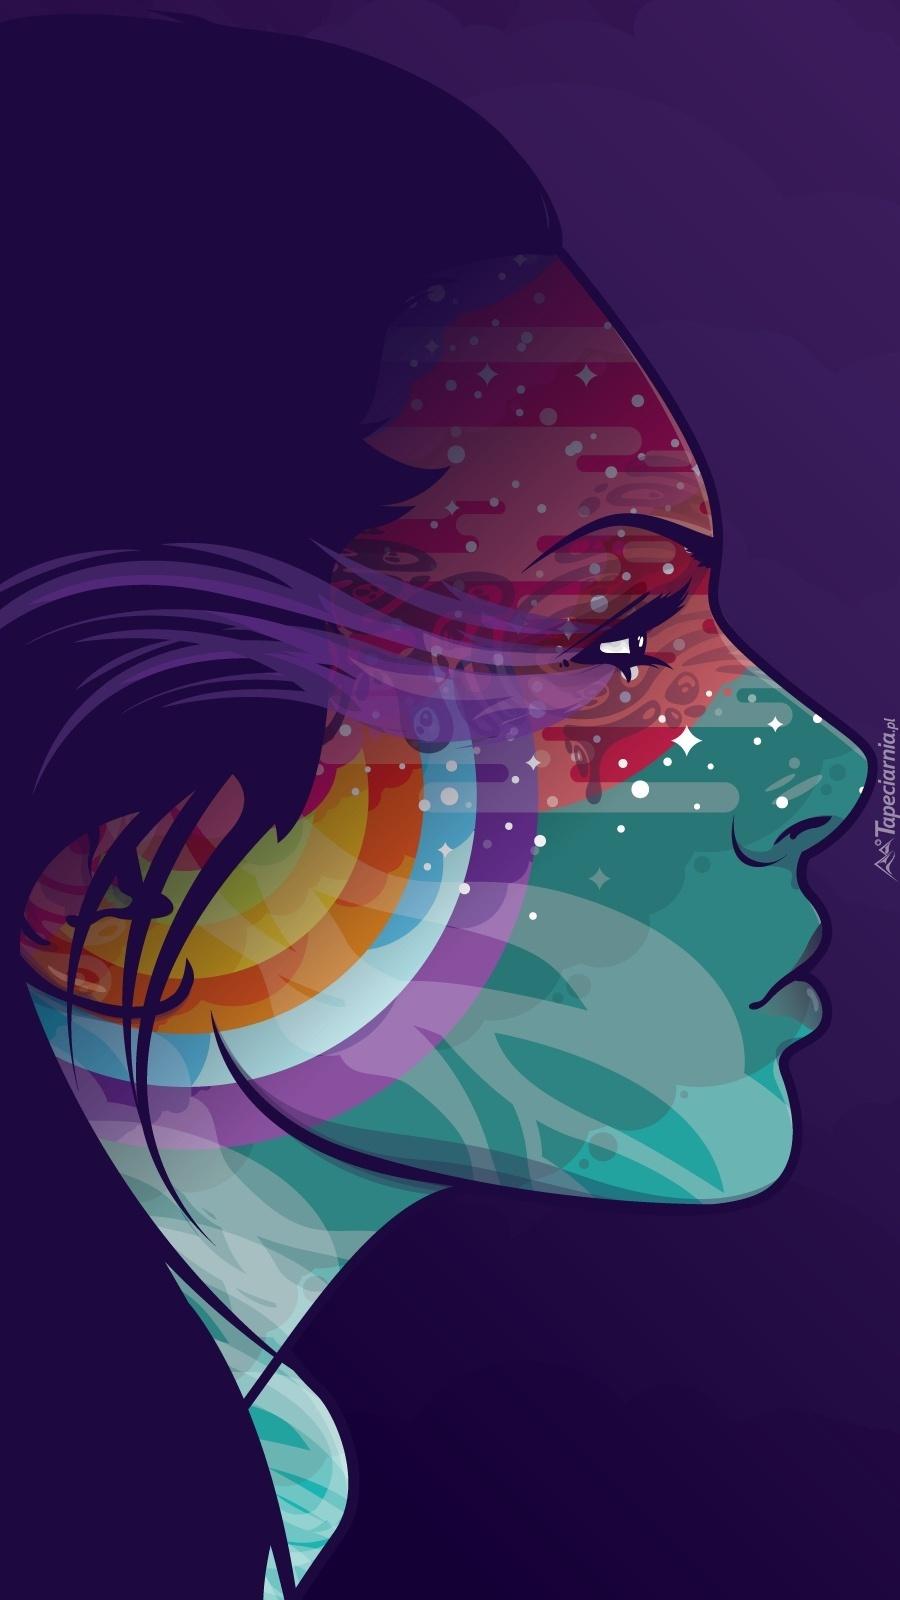 Komputerowy profil twarzy